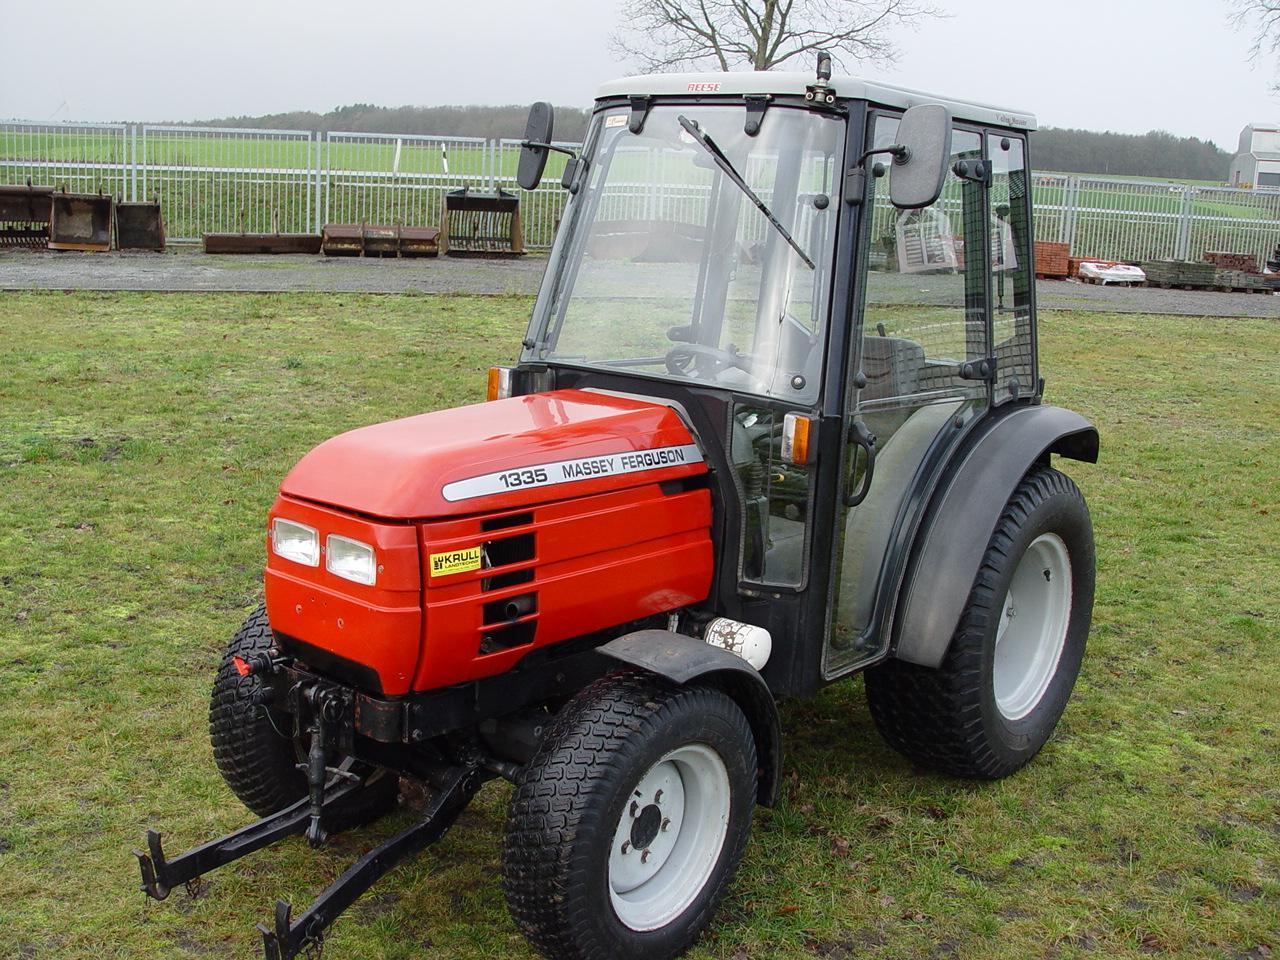 Massey Ferguson MF 1335